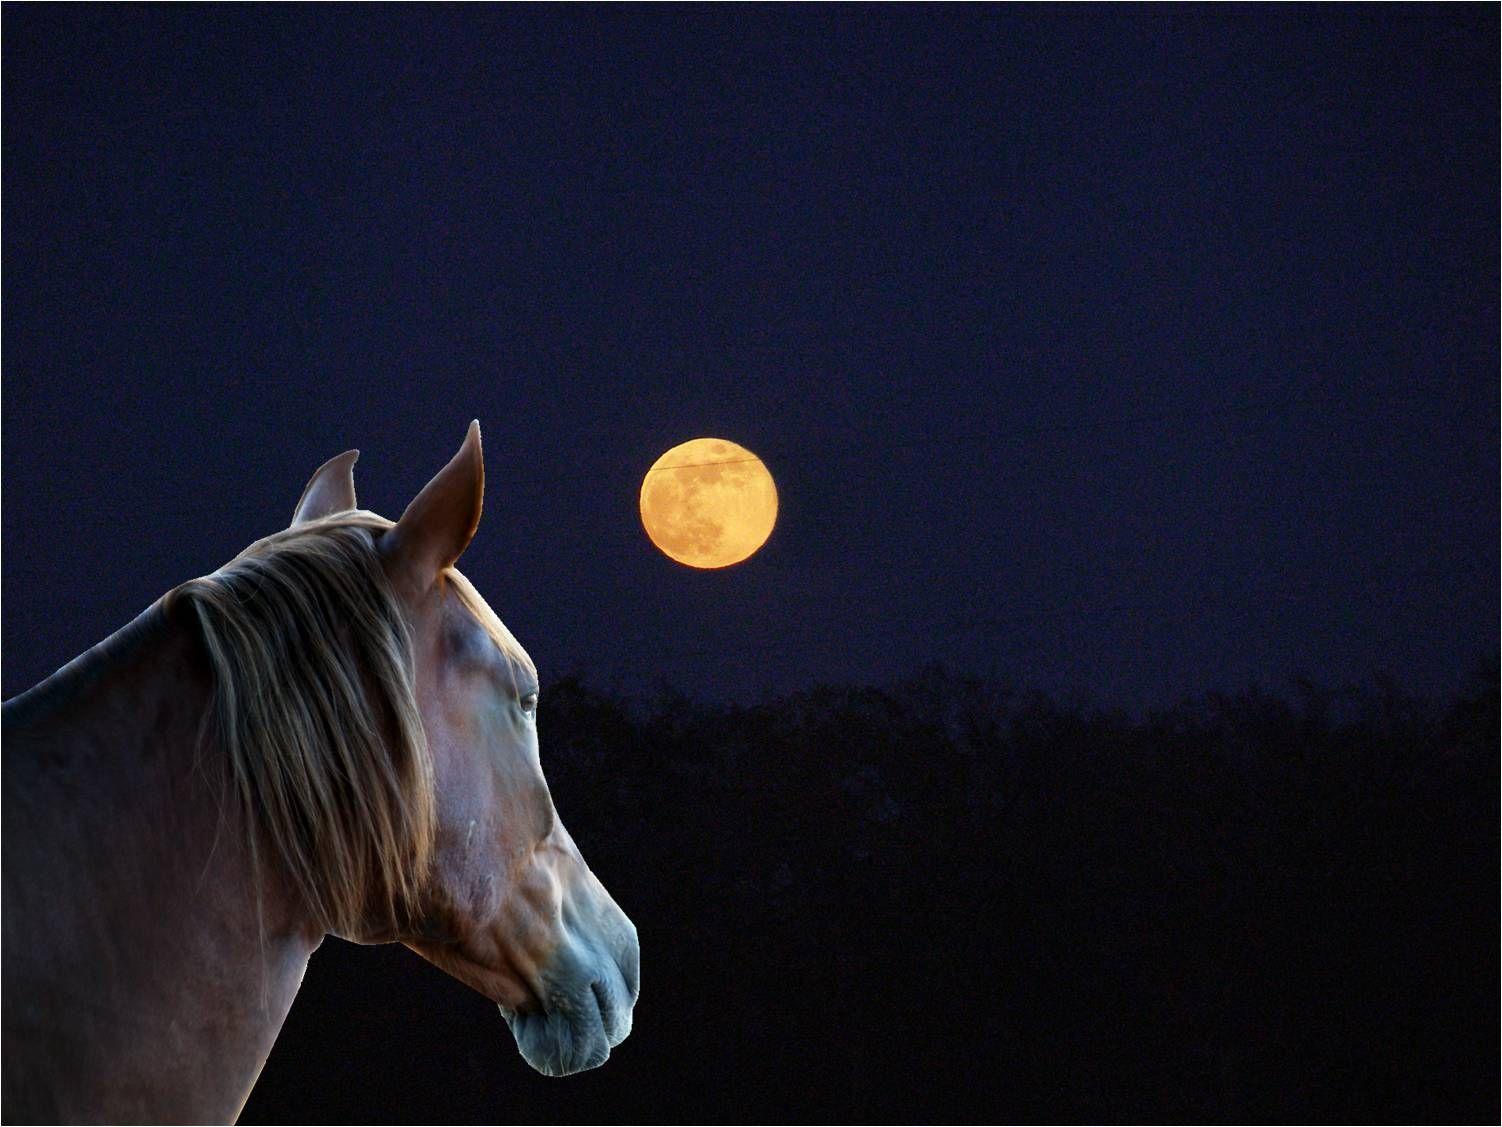 Curioso moon